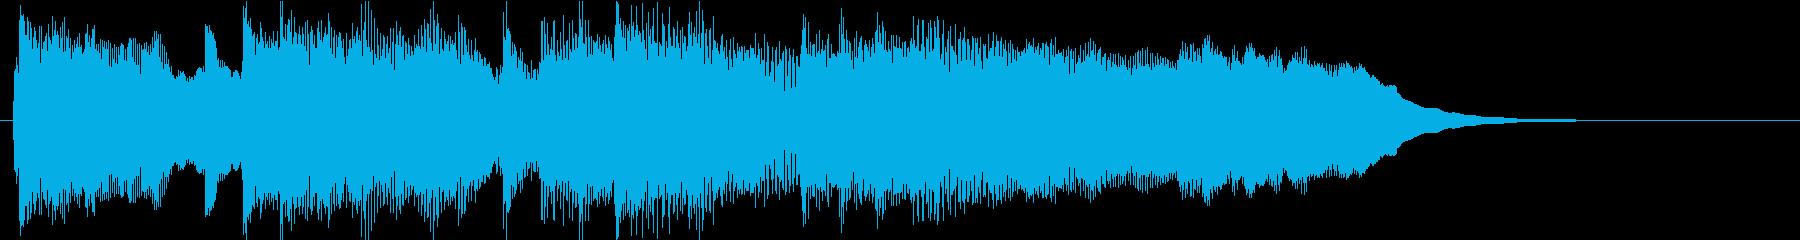 高音を抑えたシンセが特徴的なサウンドロゴの再生済みの波形